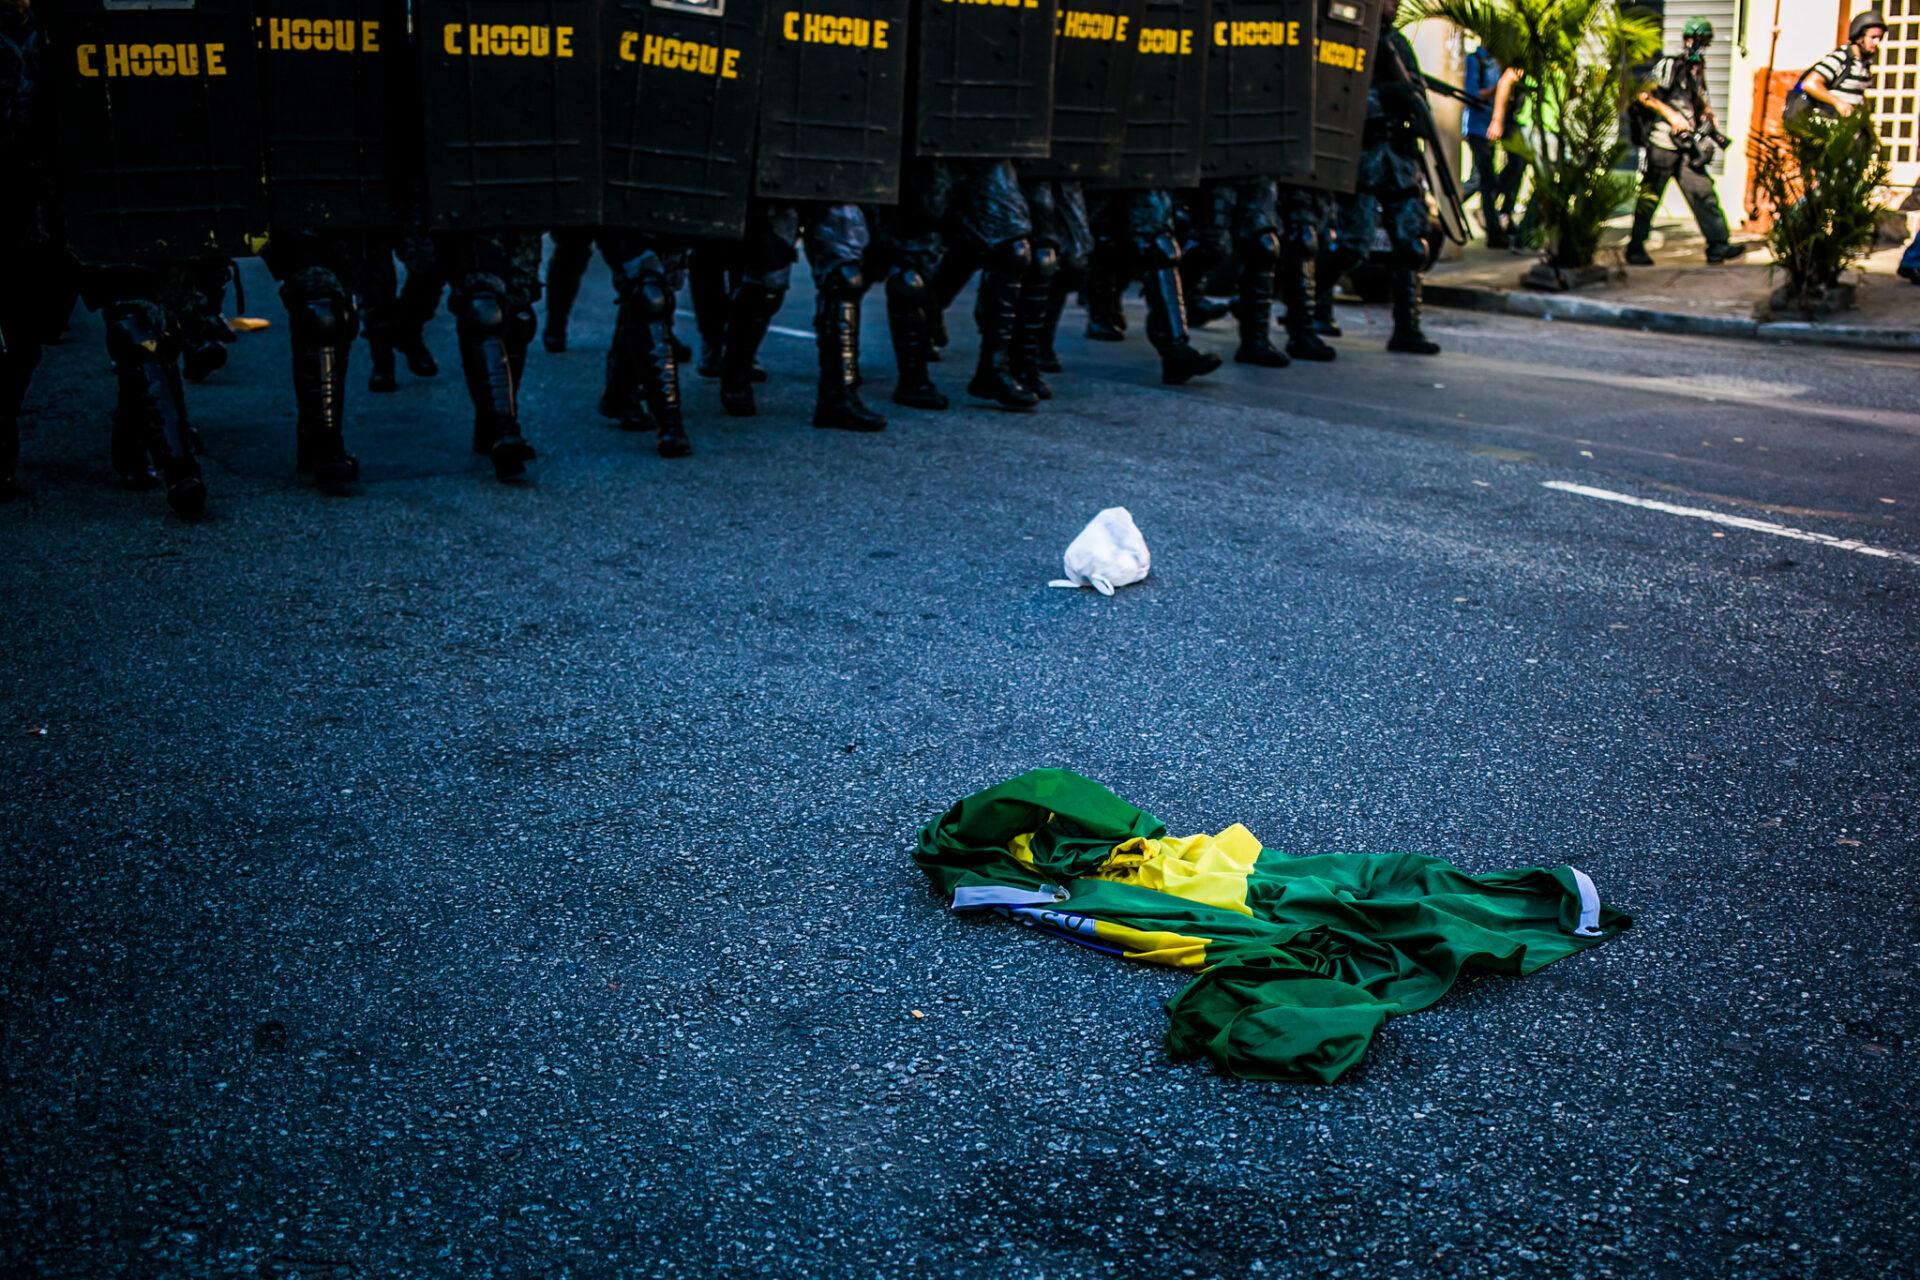 imagen_brasil_midianinja_1_IZQDA